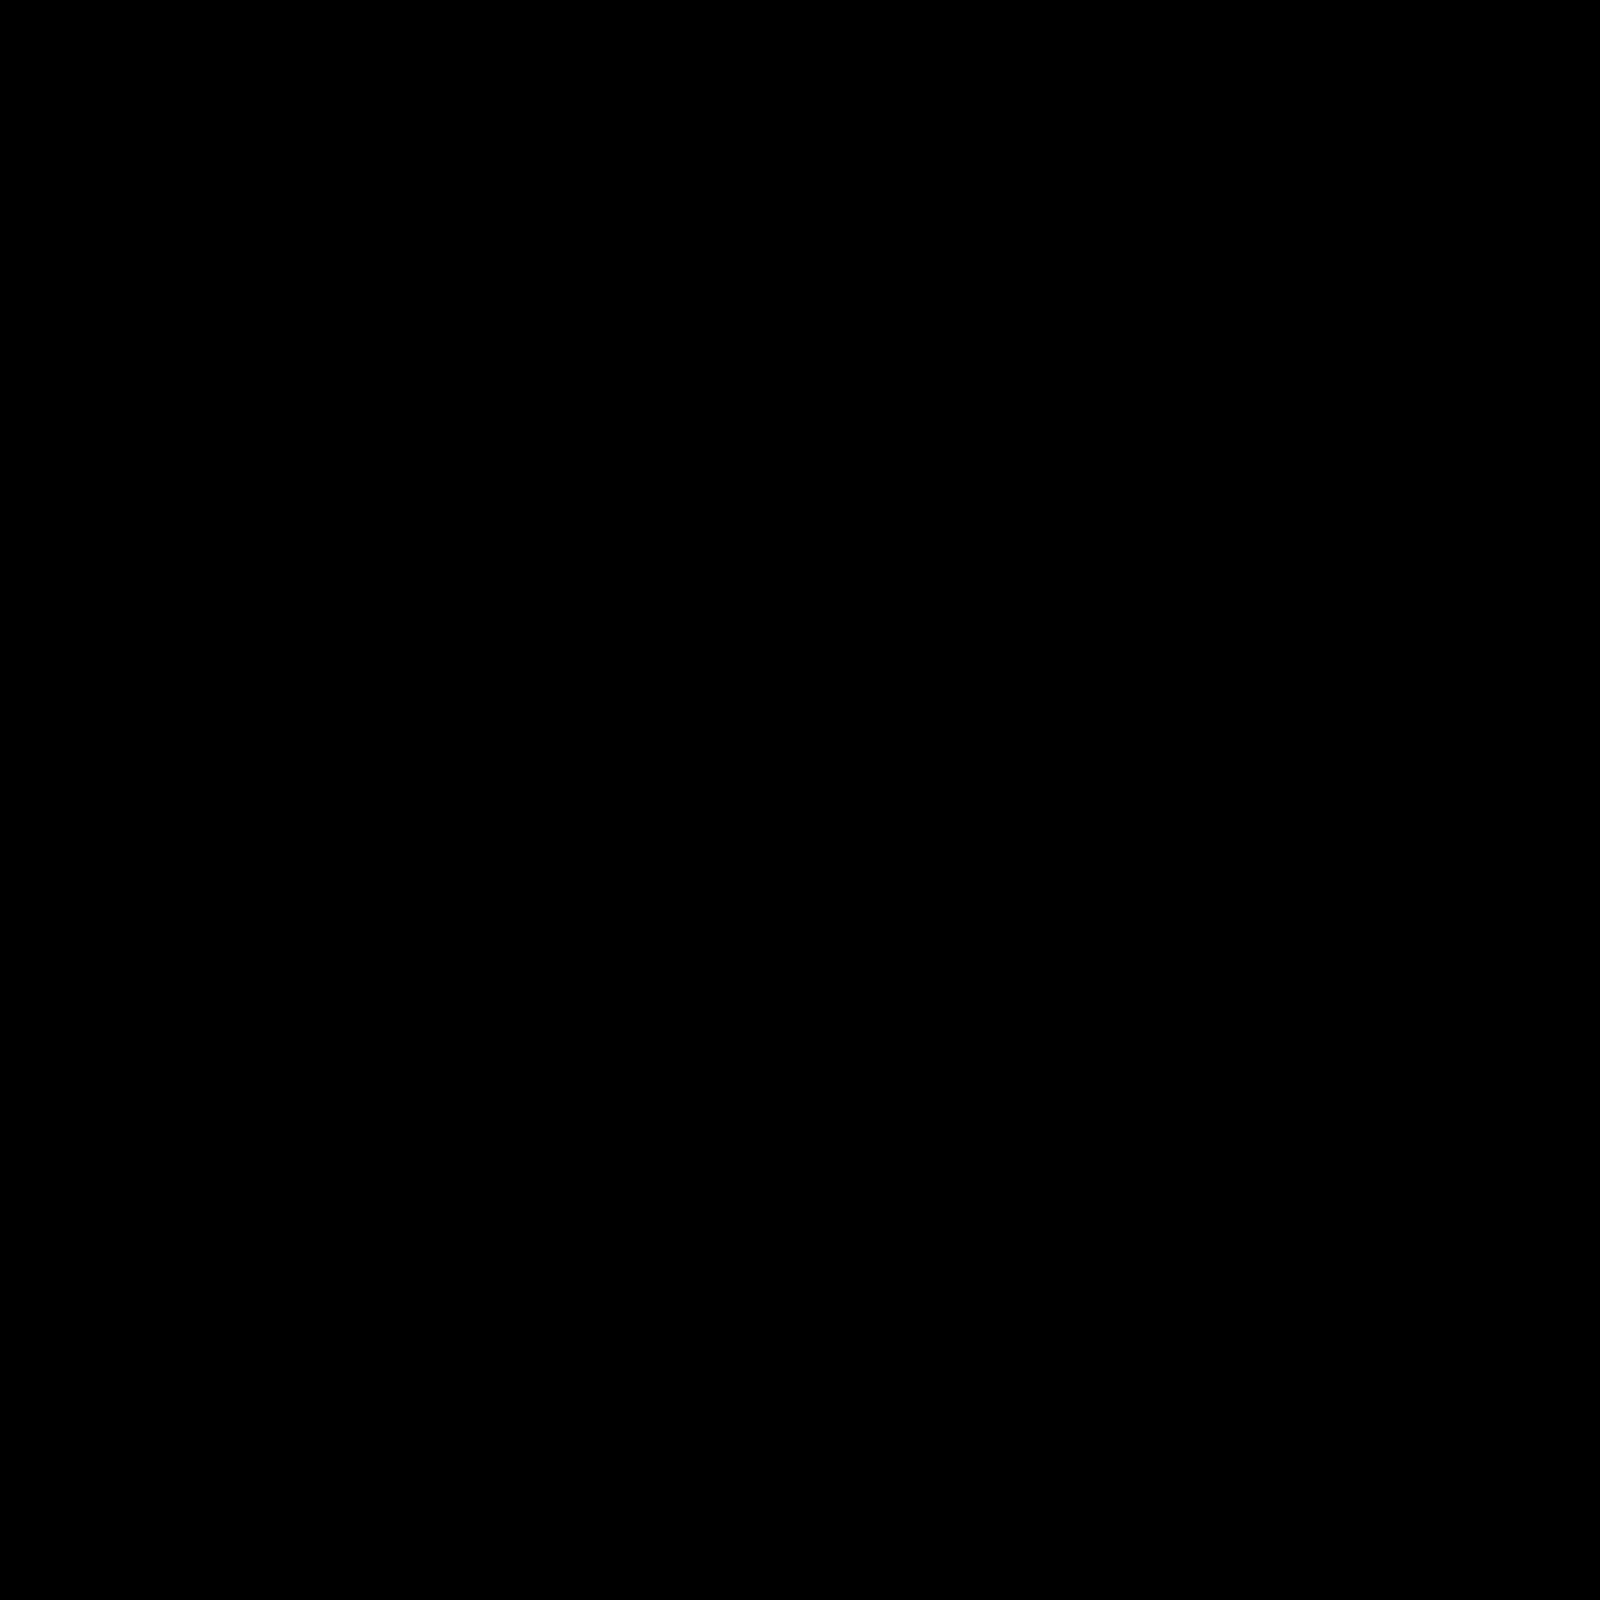 最背面へ移動 icon